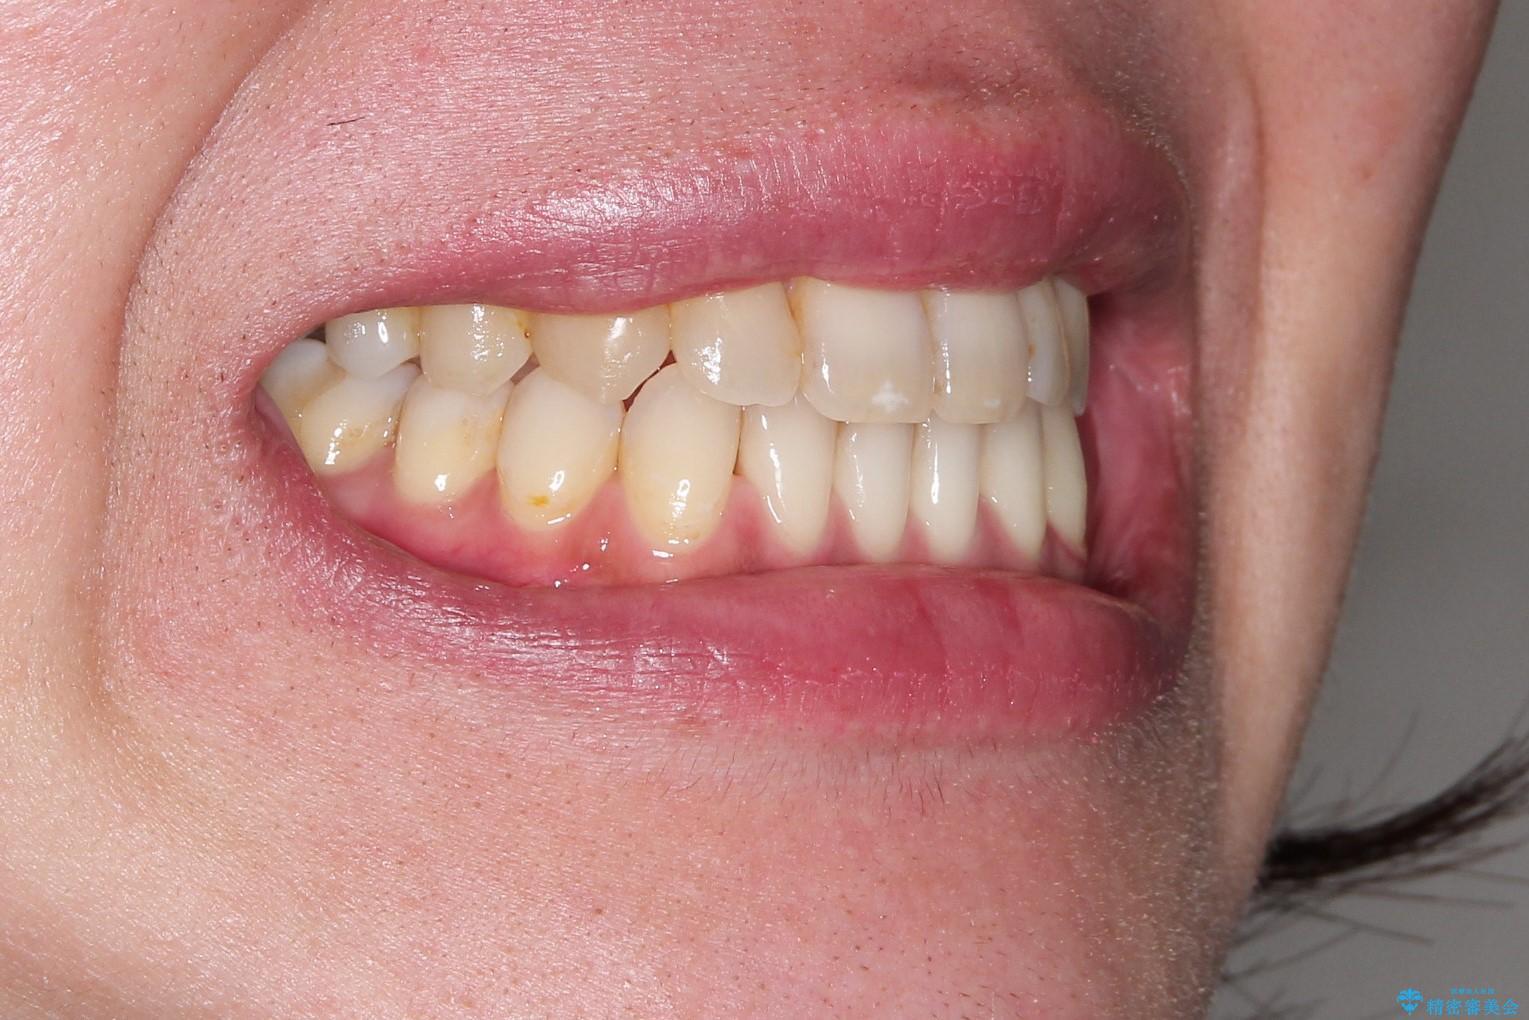 Invisalign インビザライン によるガタつき、受け口傾向の改善の治療後(顔貌)